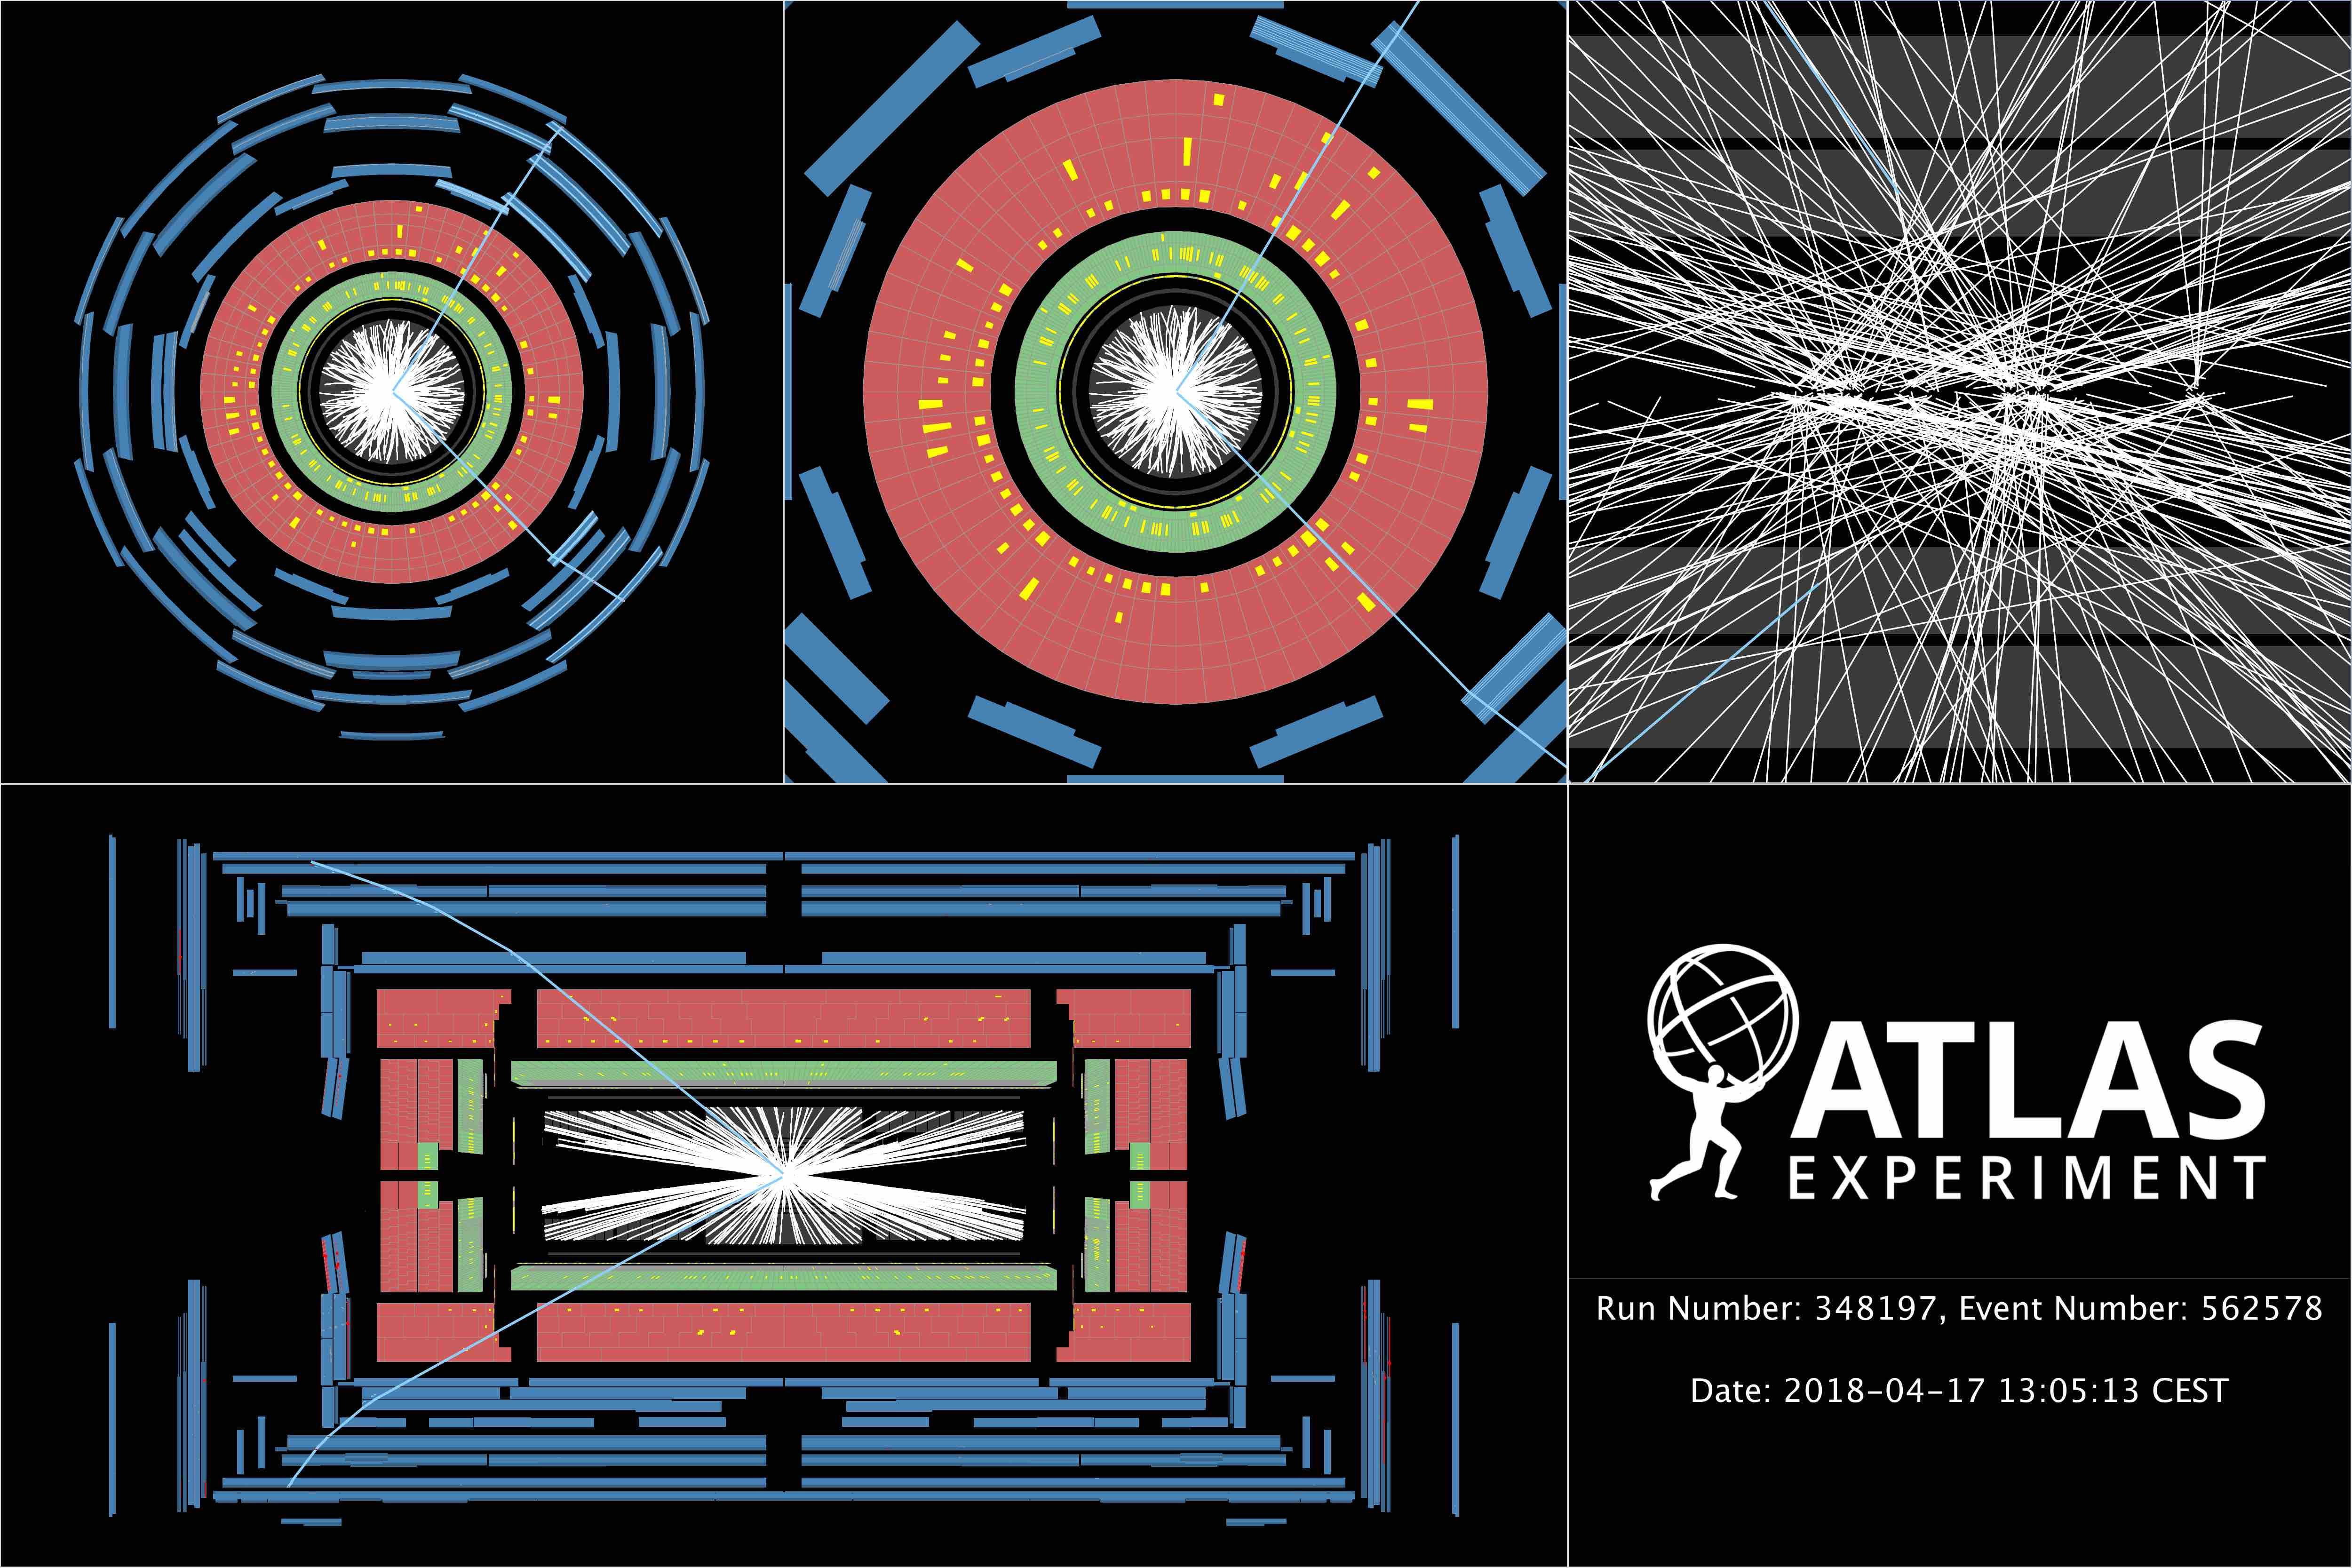 atlantis-2018sb-r348197-e562578.jpg